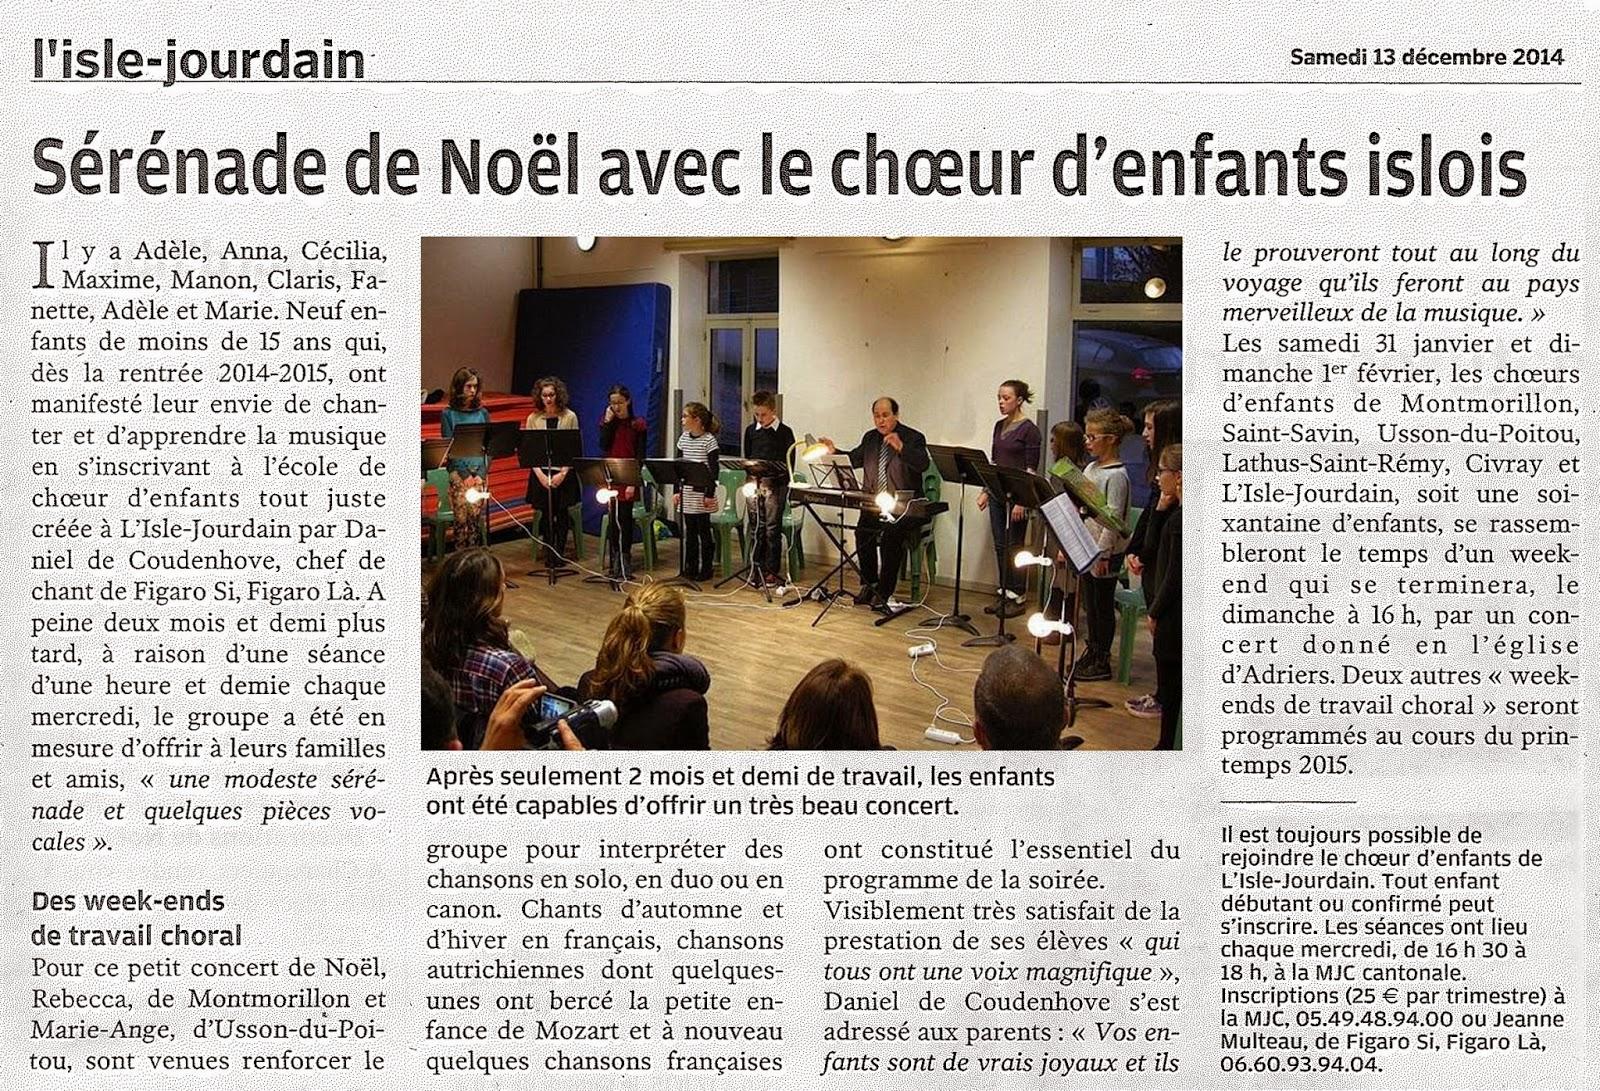 http://www.lanouvellerepublique.fr/Vienne/Communes/L%27Isle-Jourdain/n/Contenus/Articles/2014/12/13/Serenade-de-Noel-avec-le-choeur-d-enfants-islois-2151998